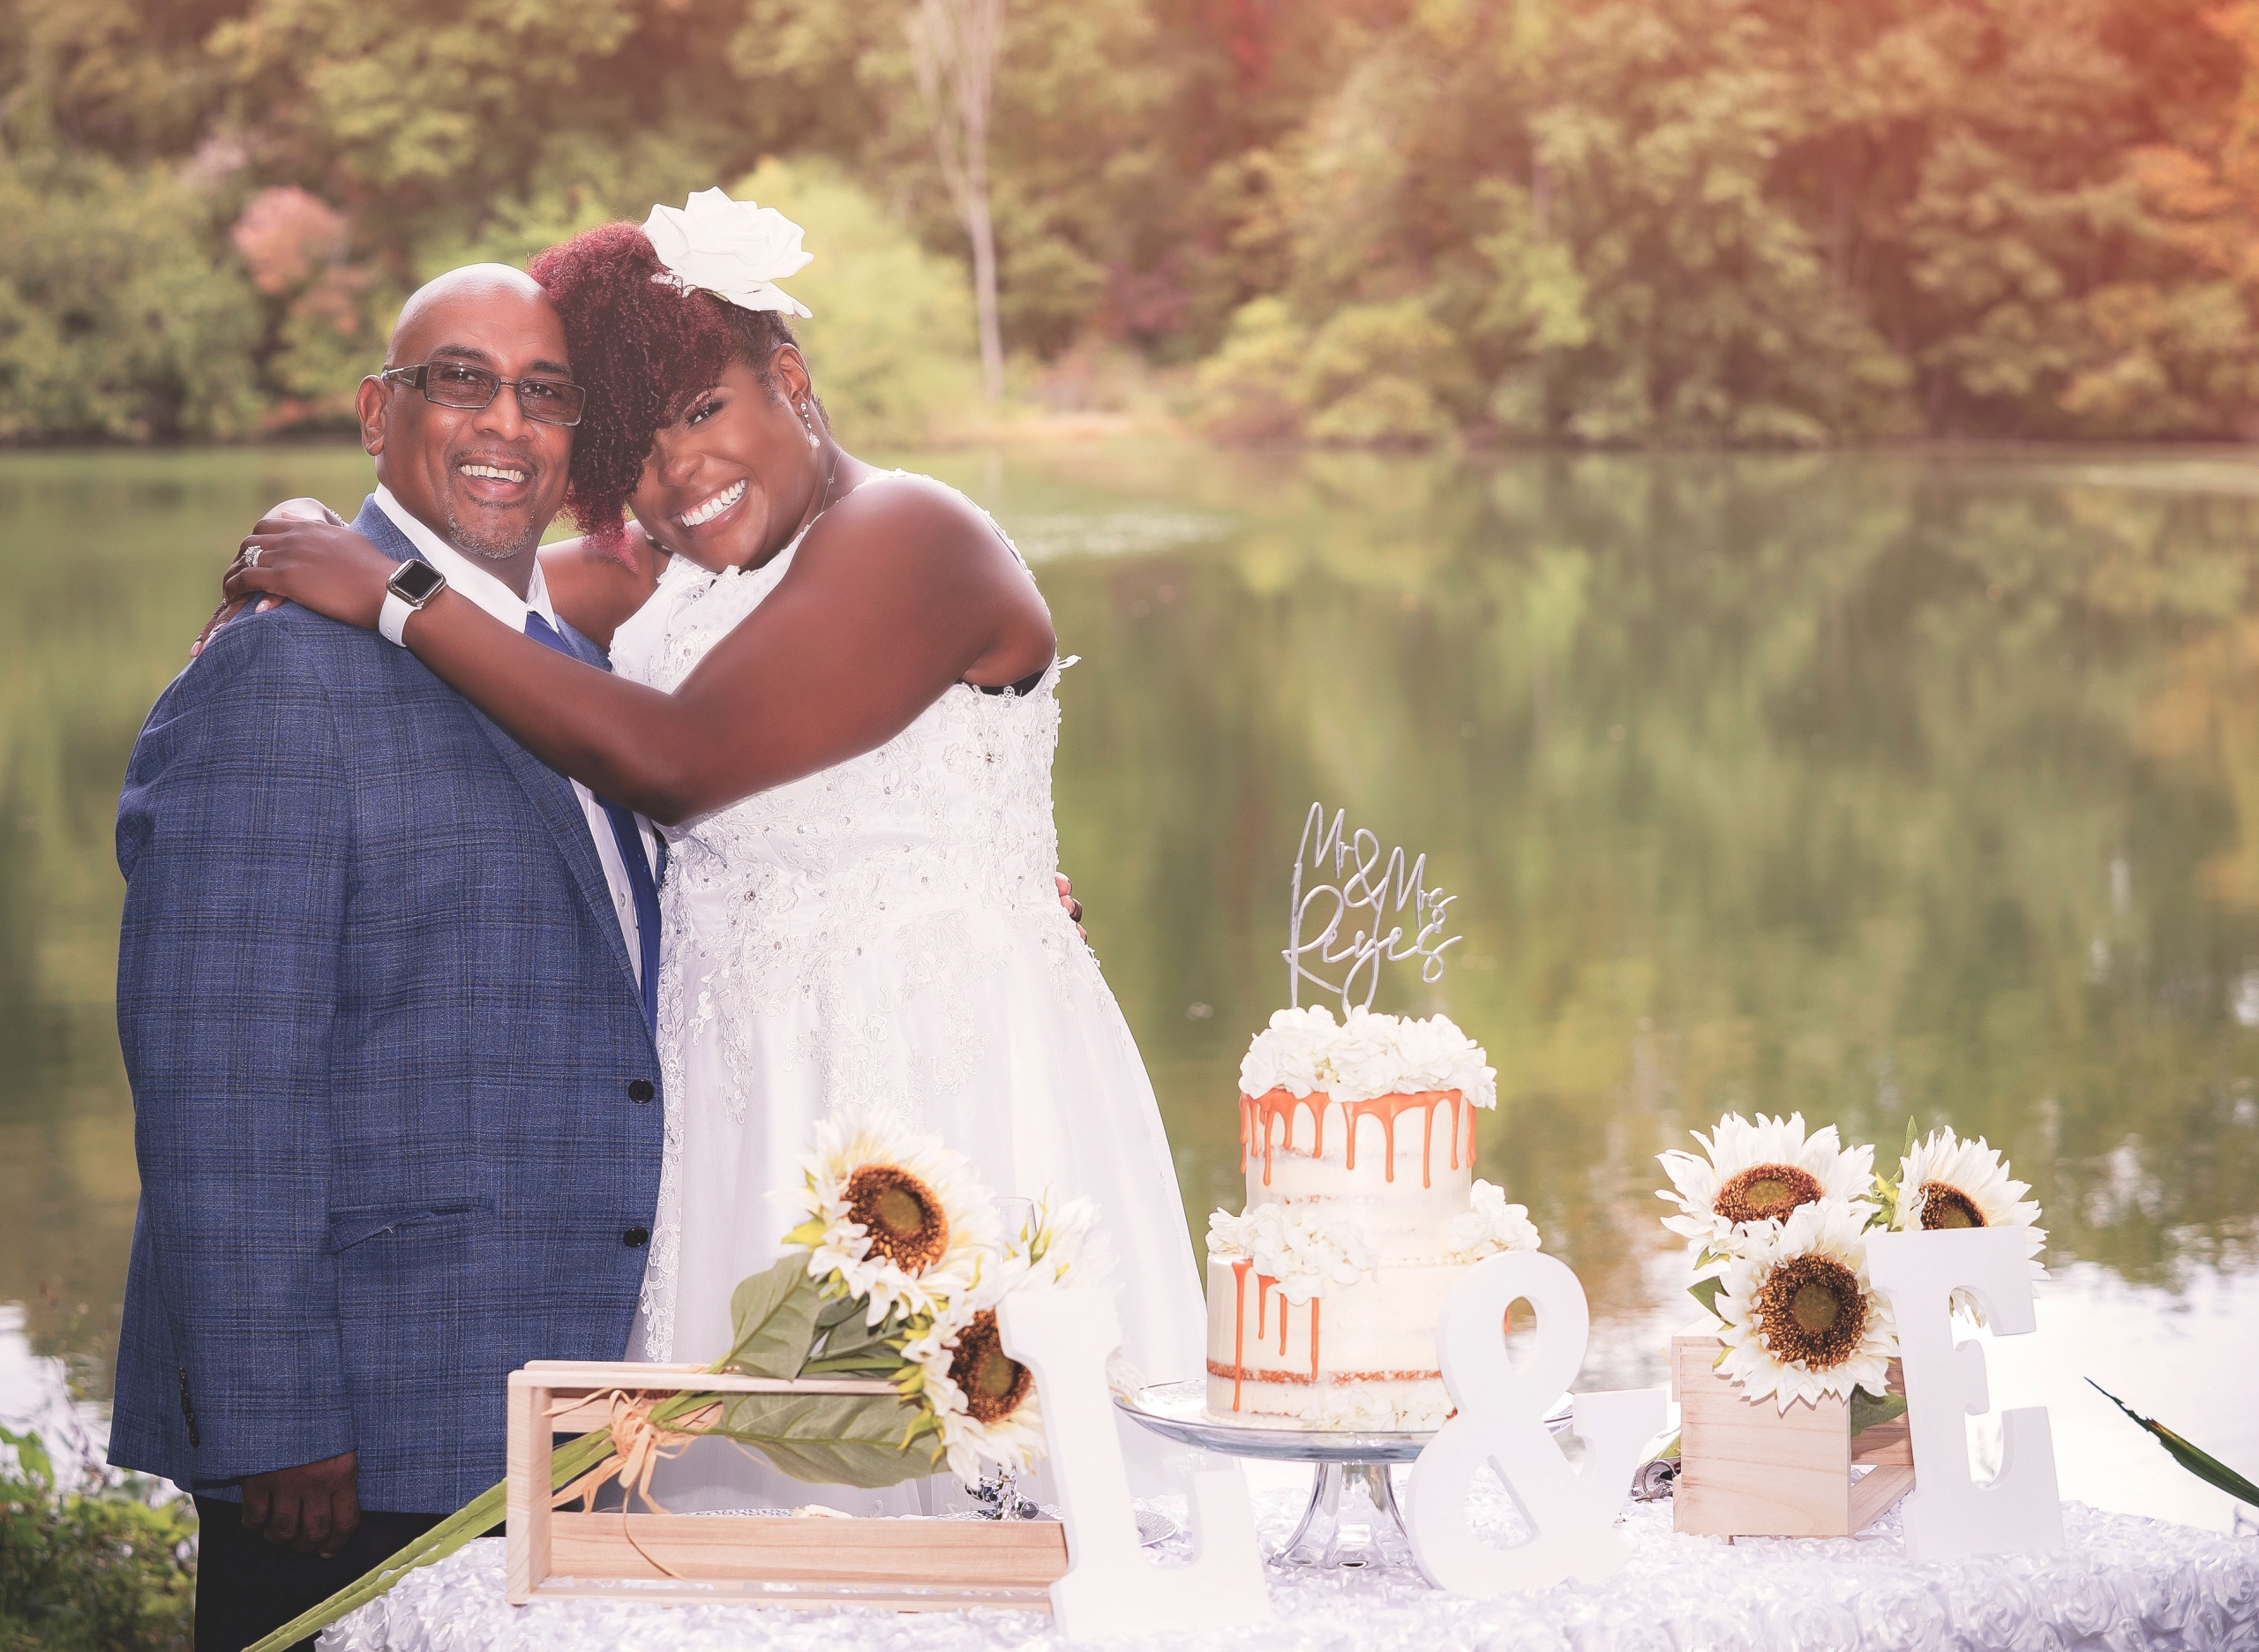 Luci's Wedding - Wedding Photo